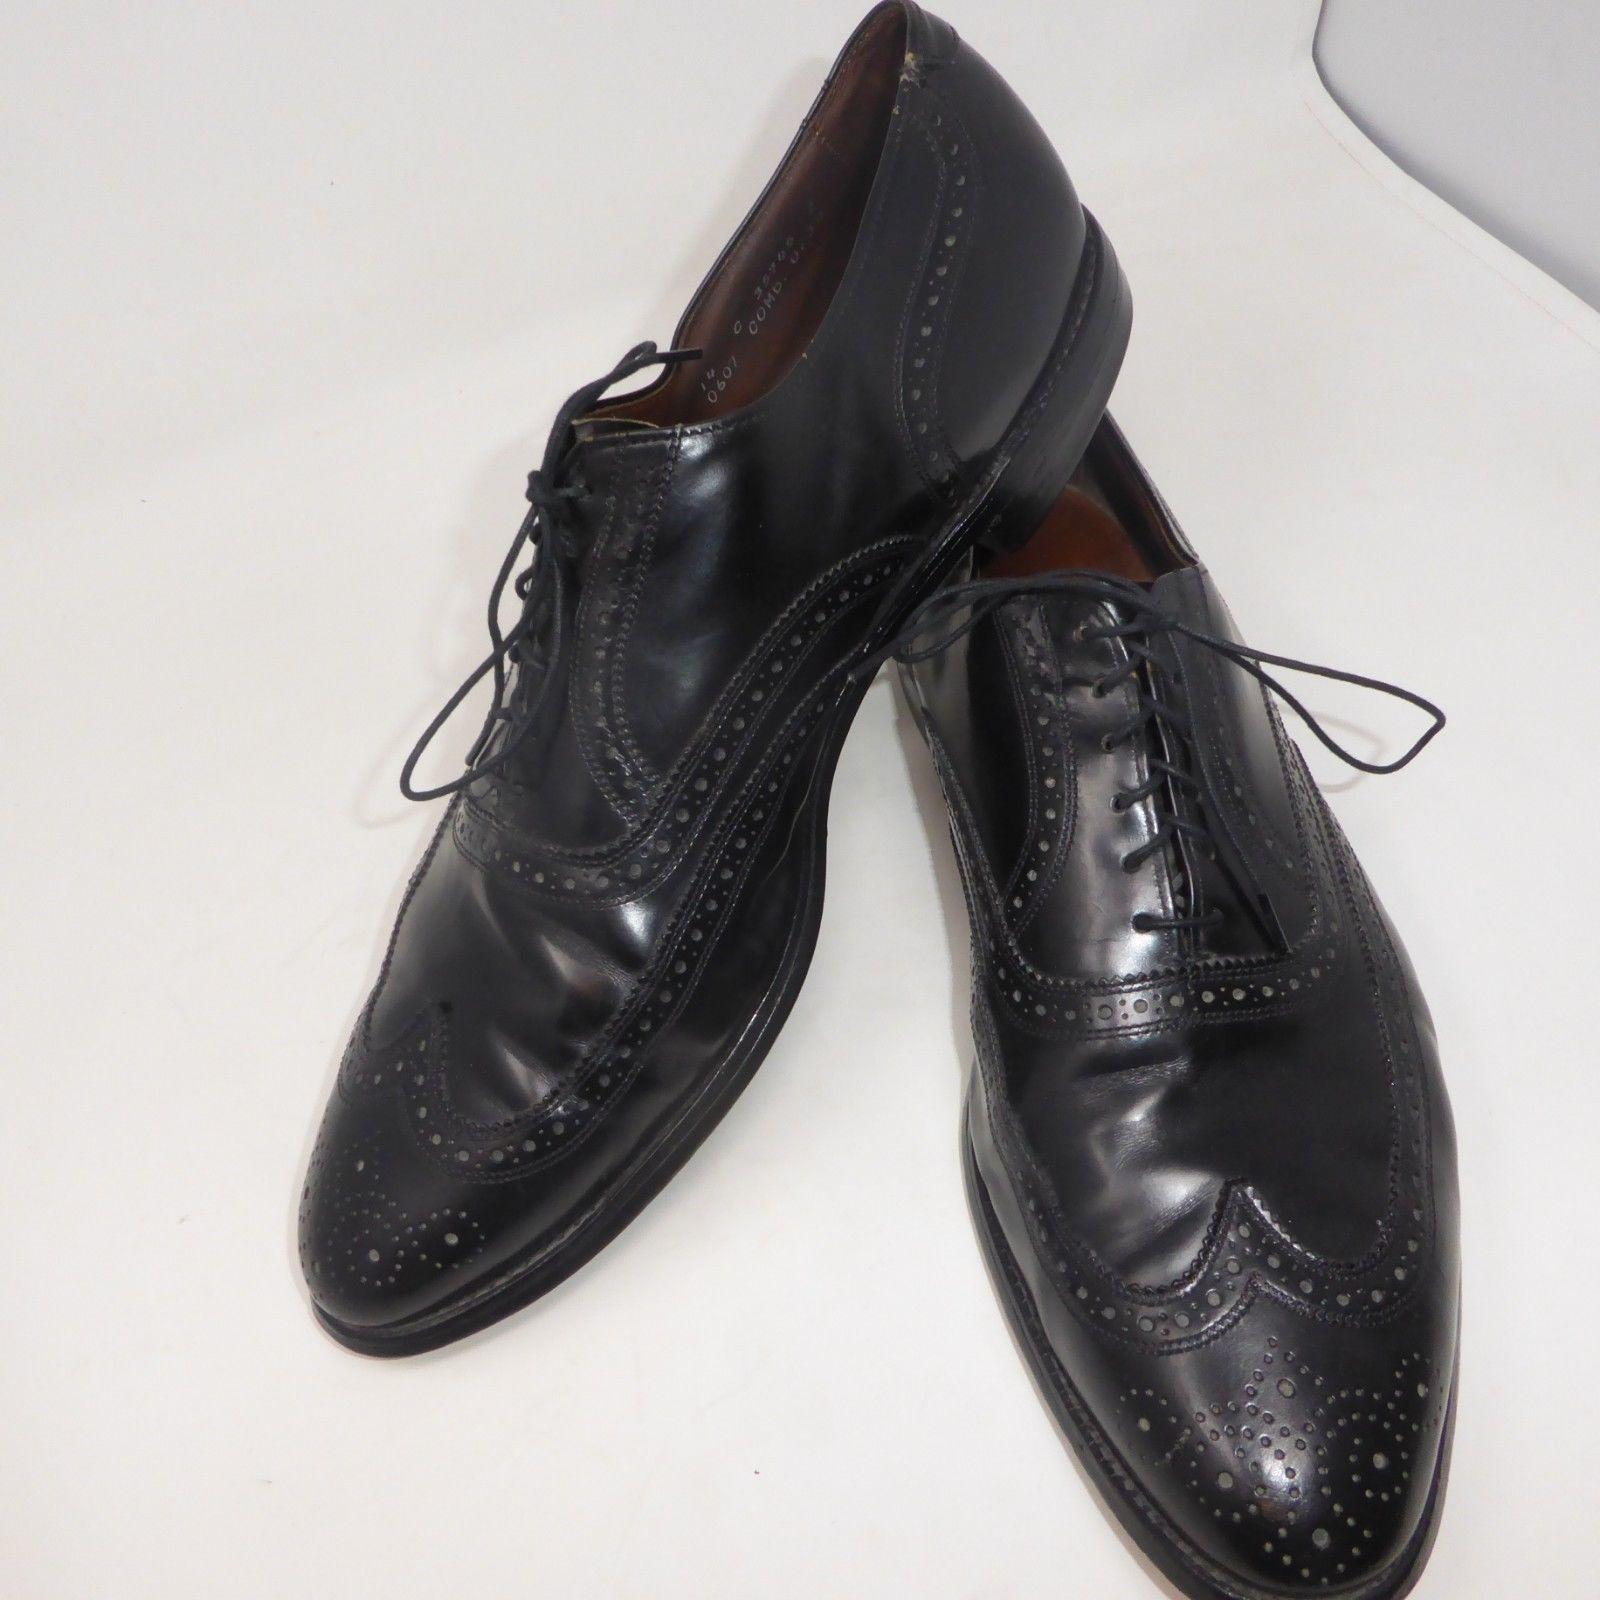 946f423c80b Allen Edmonds Comb Cap Toe Oxford Black and 50 similar items. 57